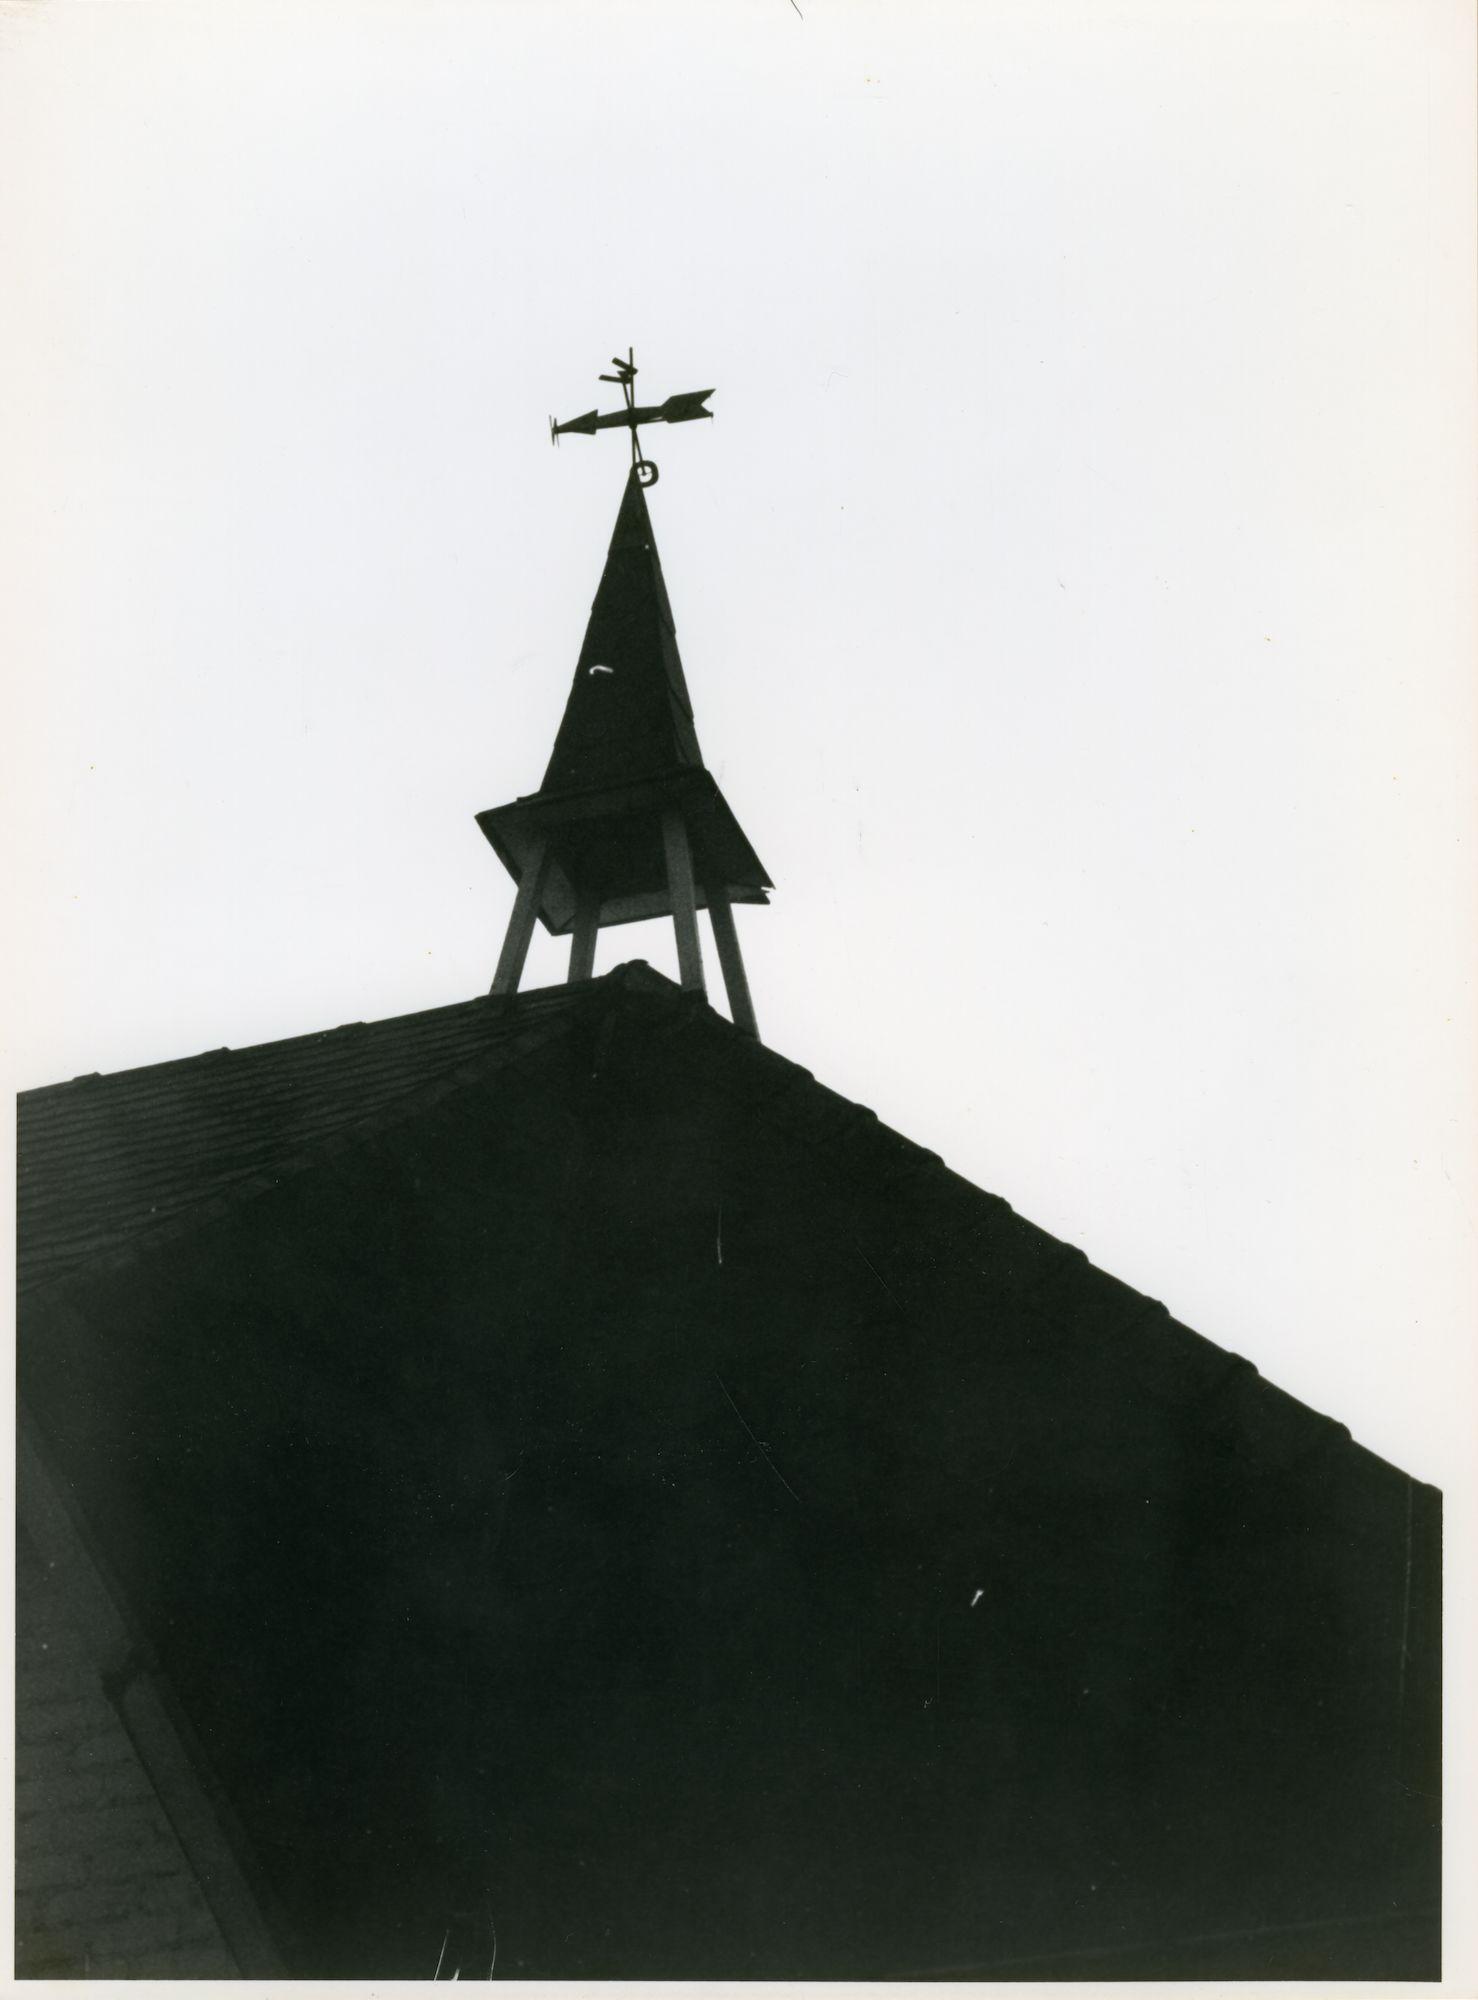 Oostakker: Gefusilleerdenstraat 6: Klok, 1979